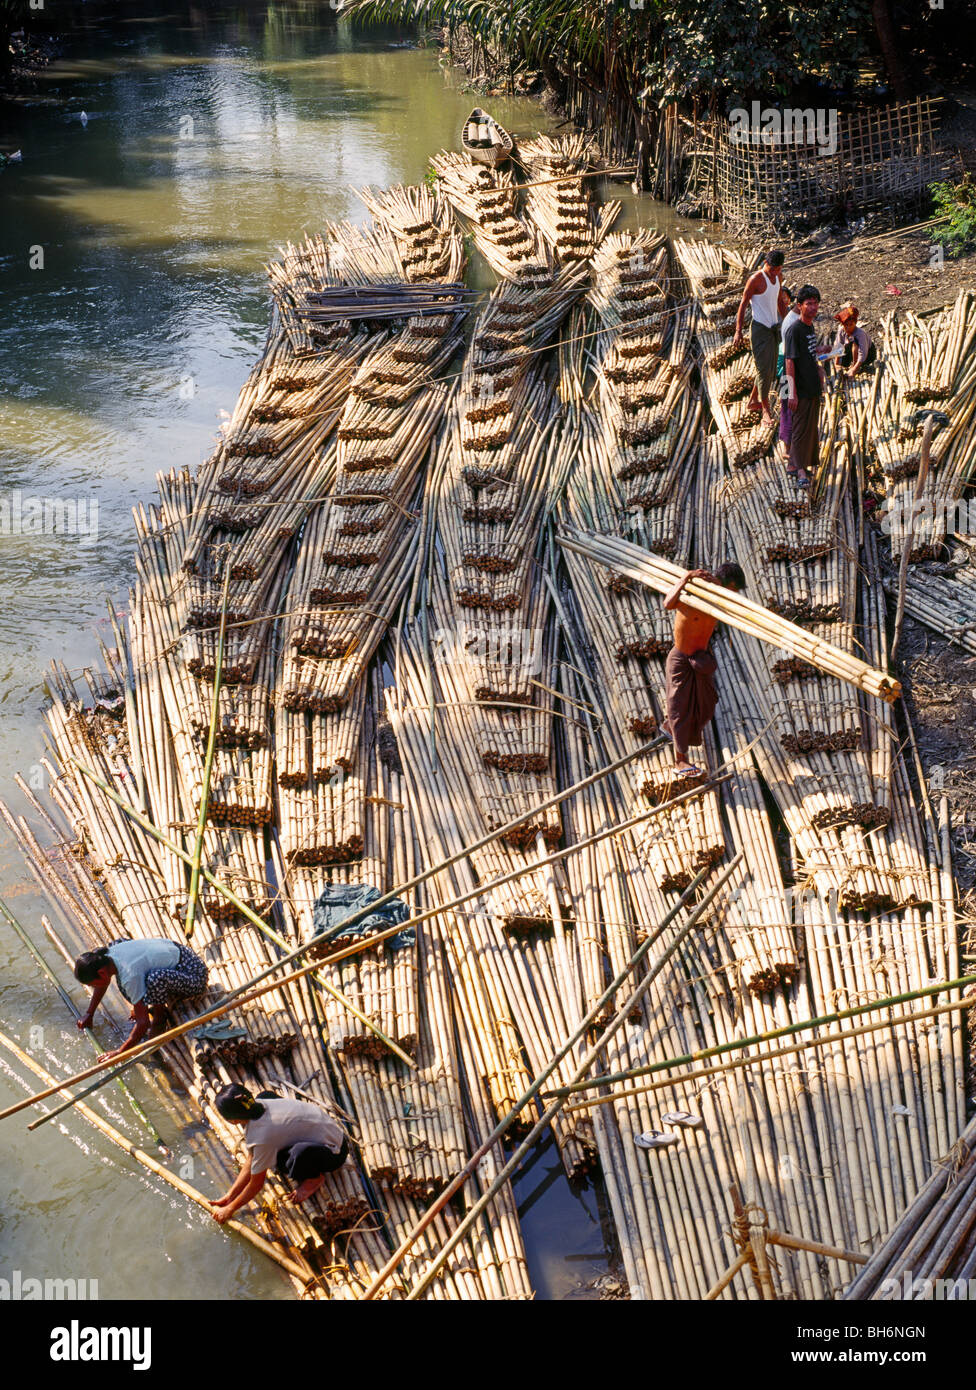 Building a bamboo raft on a river Bambusfloss wird auf Flusseitenarm hergestellt Myanmar Burma - Stock Image